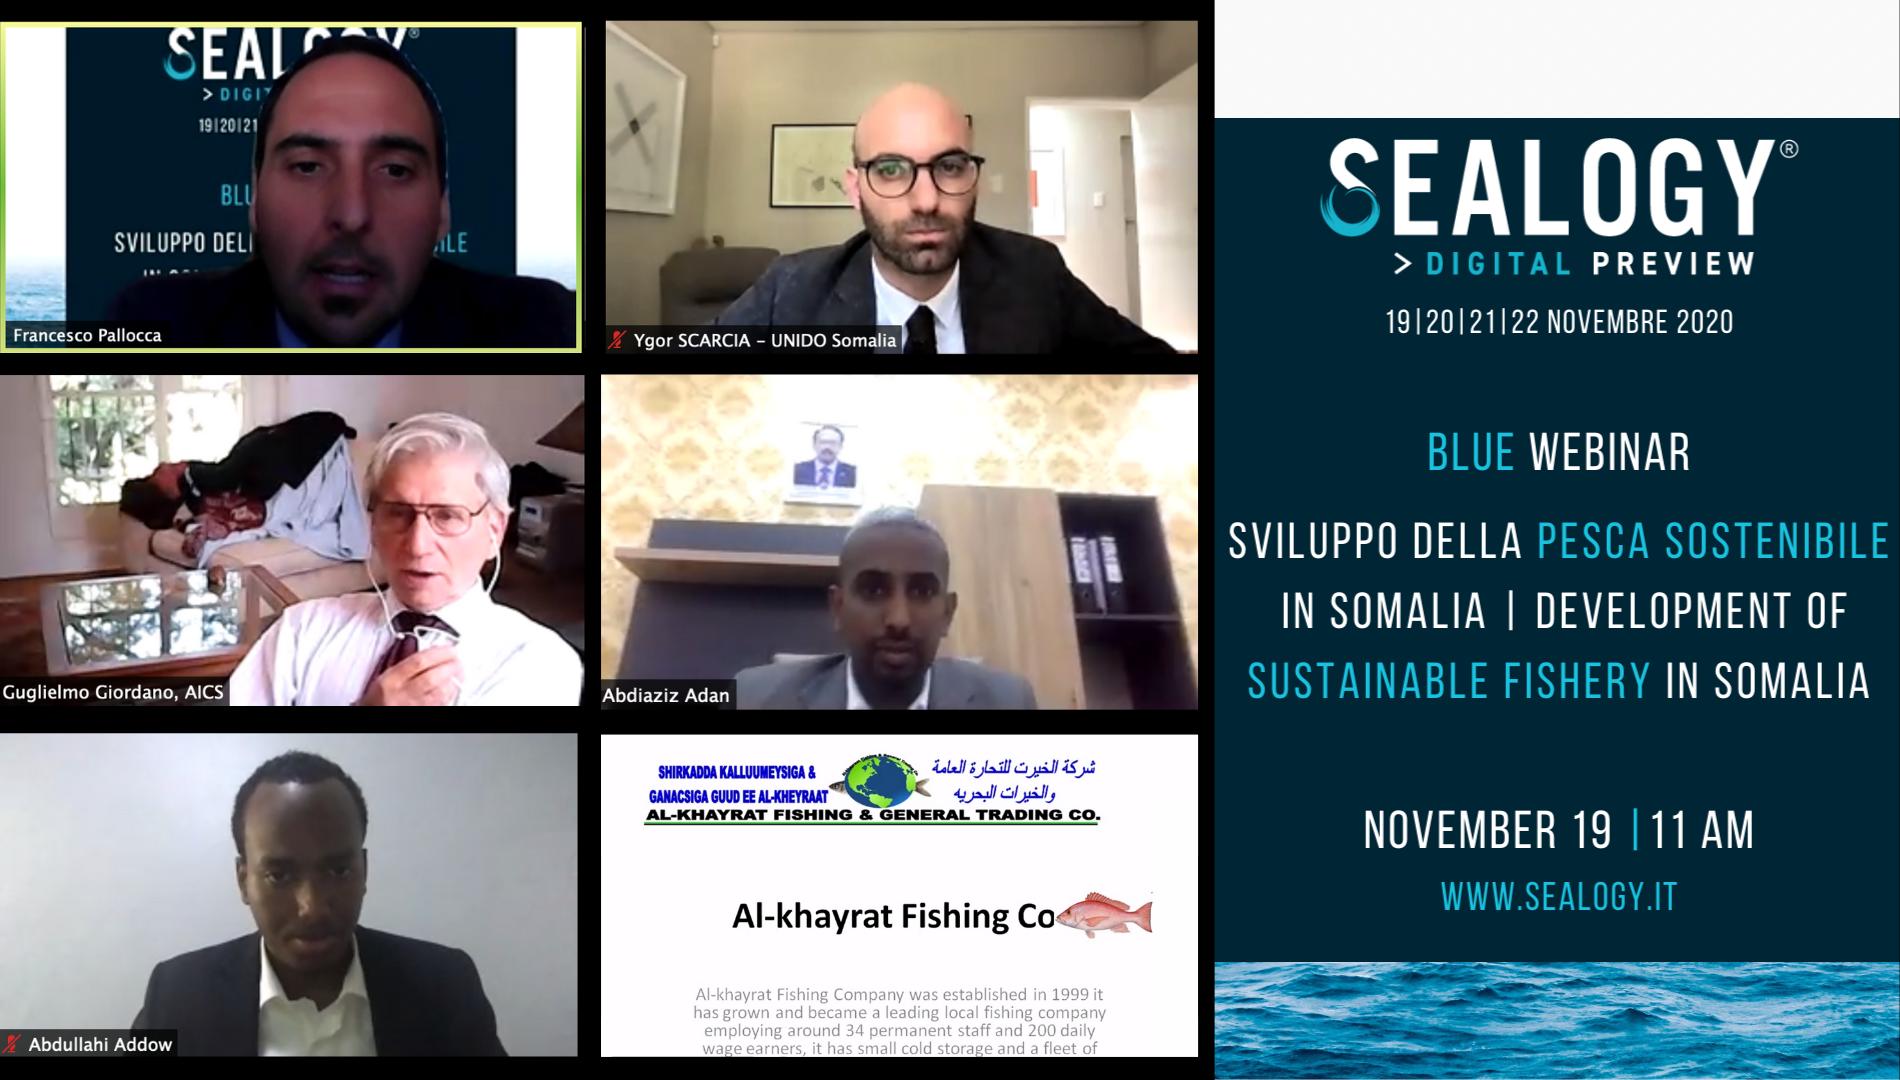 UNIDO promuove il settore ittico in Somalia alla Sealogy Digital Preview